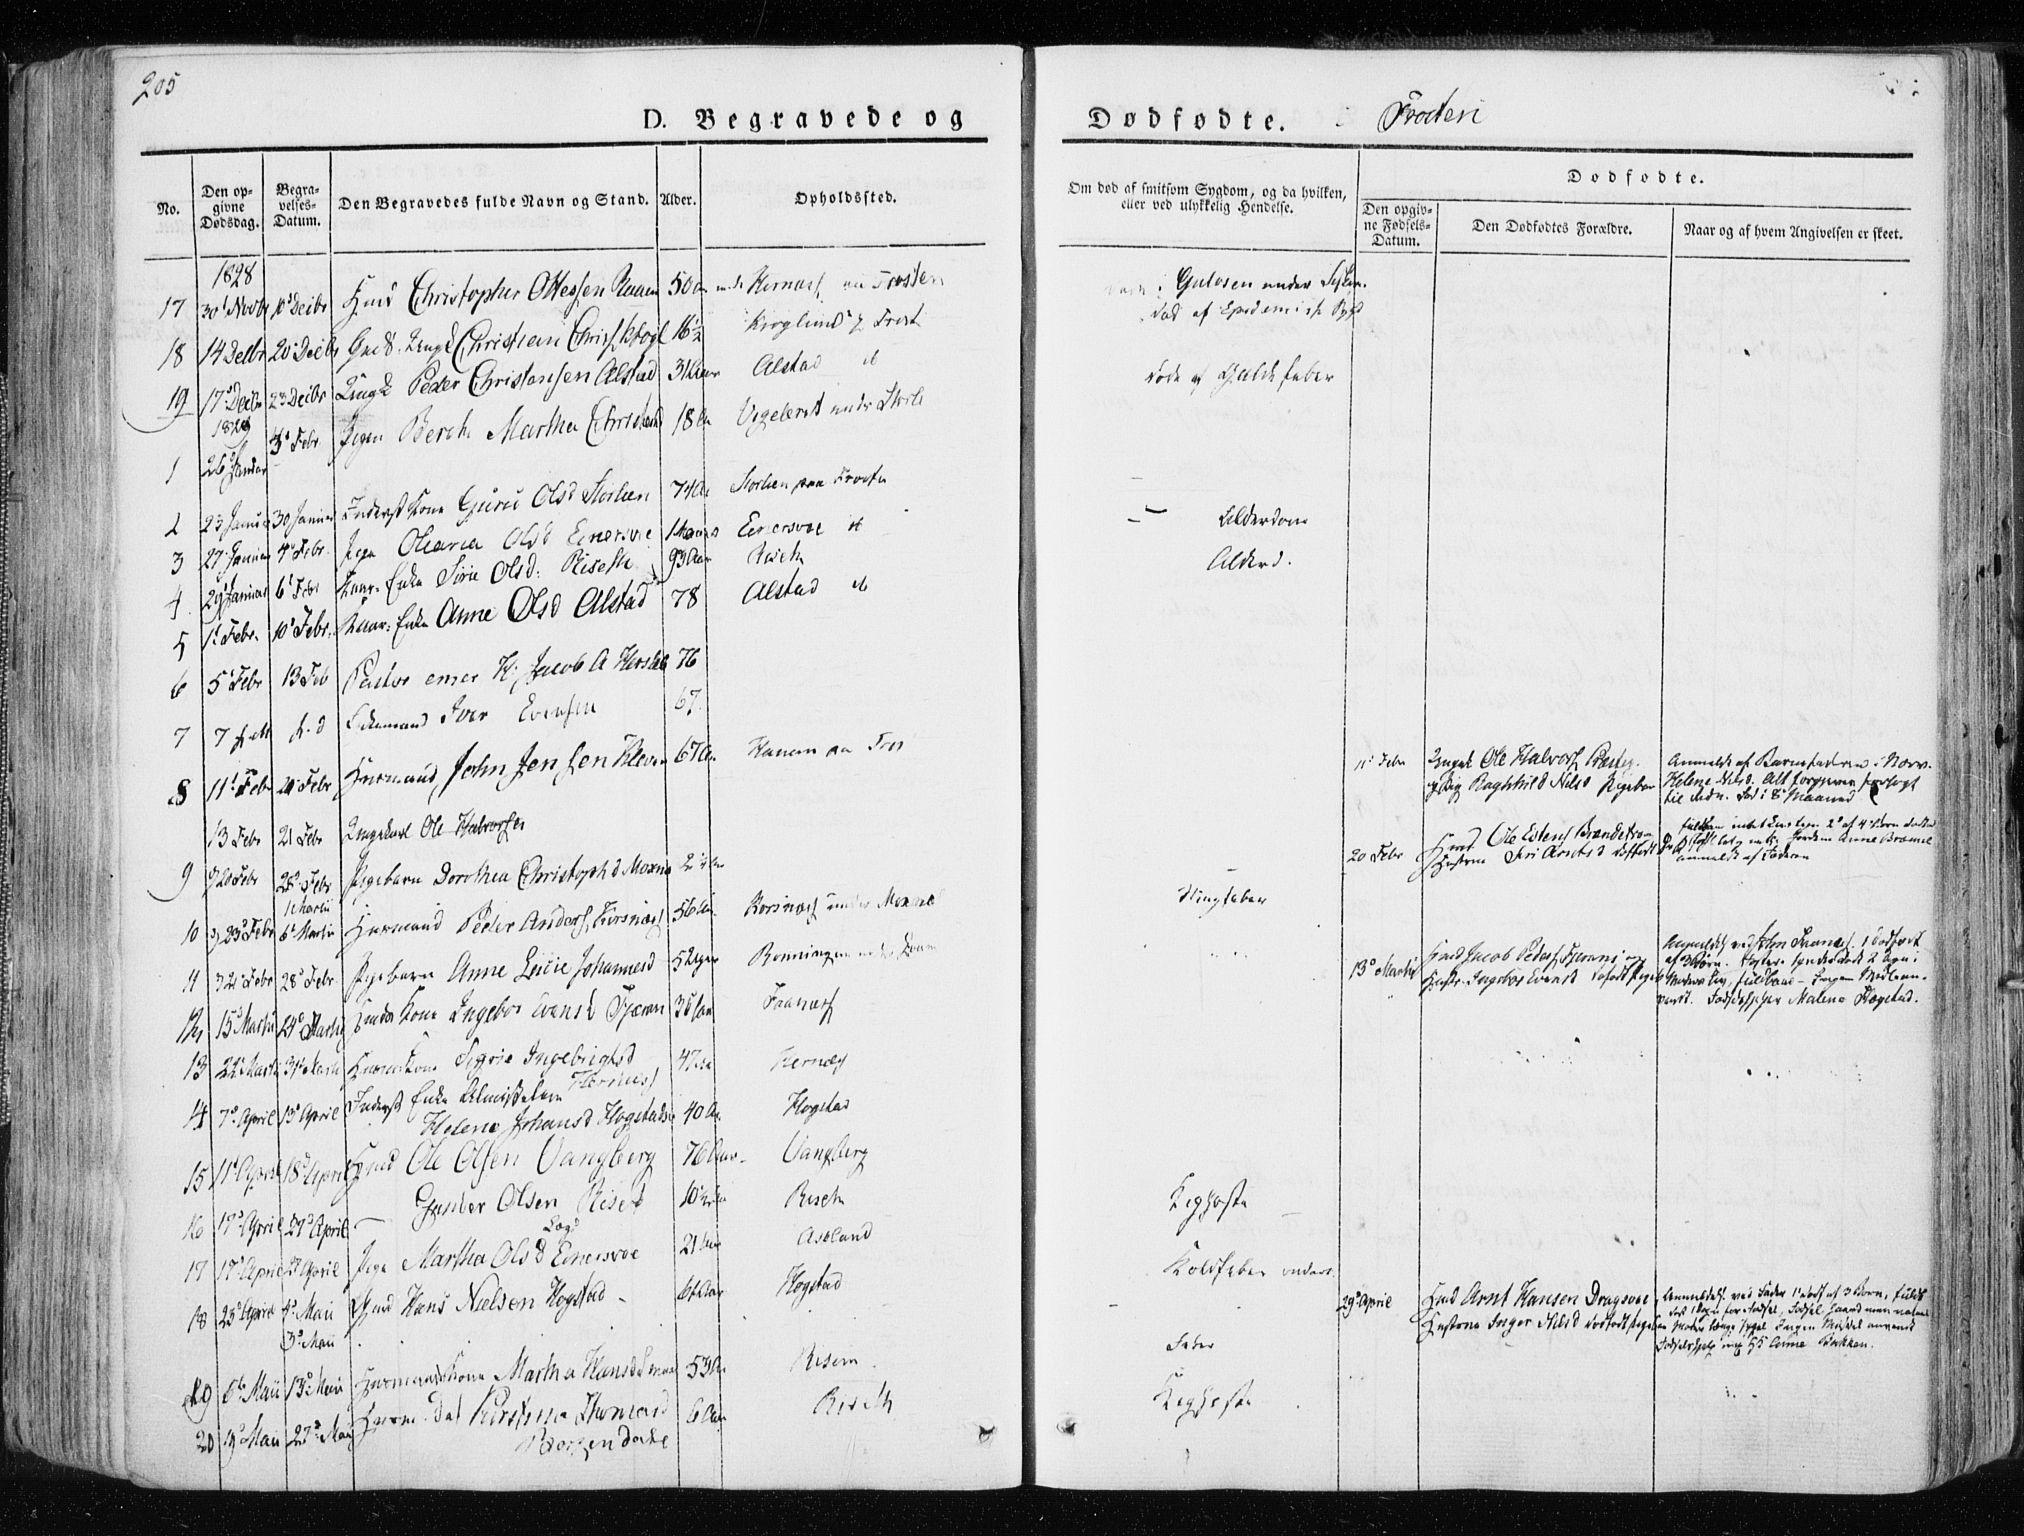 SAT, Ministerialprotokoller, klokkerbøker og fødselsregistre - Nord-Trøndelag, 713/L0114: Ministerialbok nr. 713A05, 1827-1839, s. 205